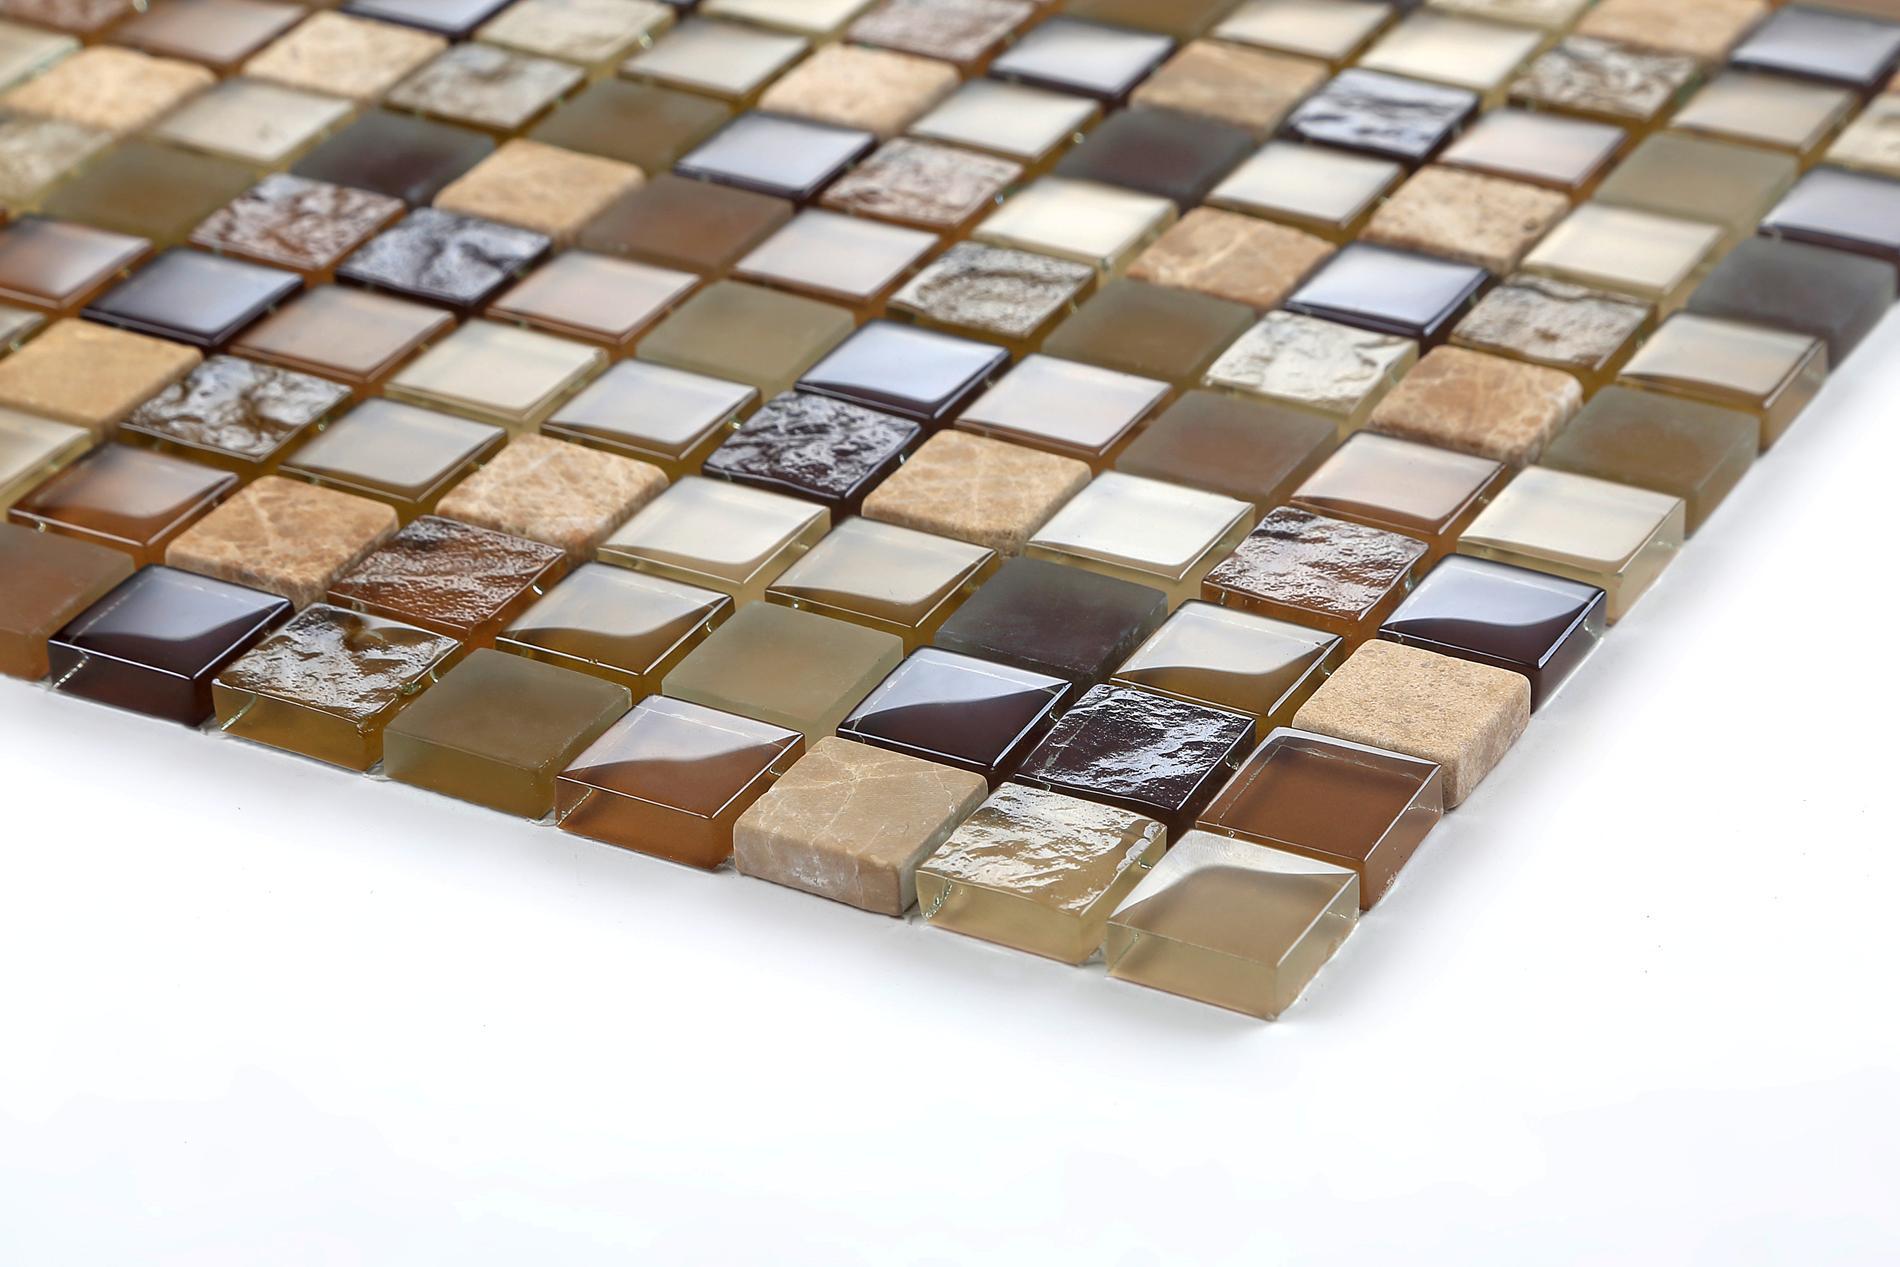 Kombination glasmosaik und naturstein braun und grun erde matte mt0050 ebay - Mosaik fliesen grun ...